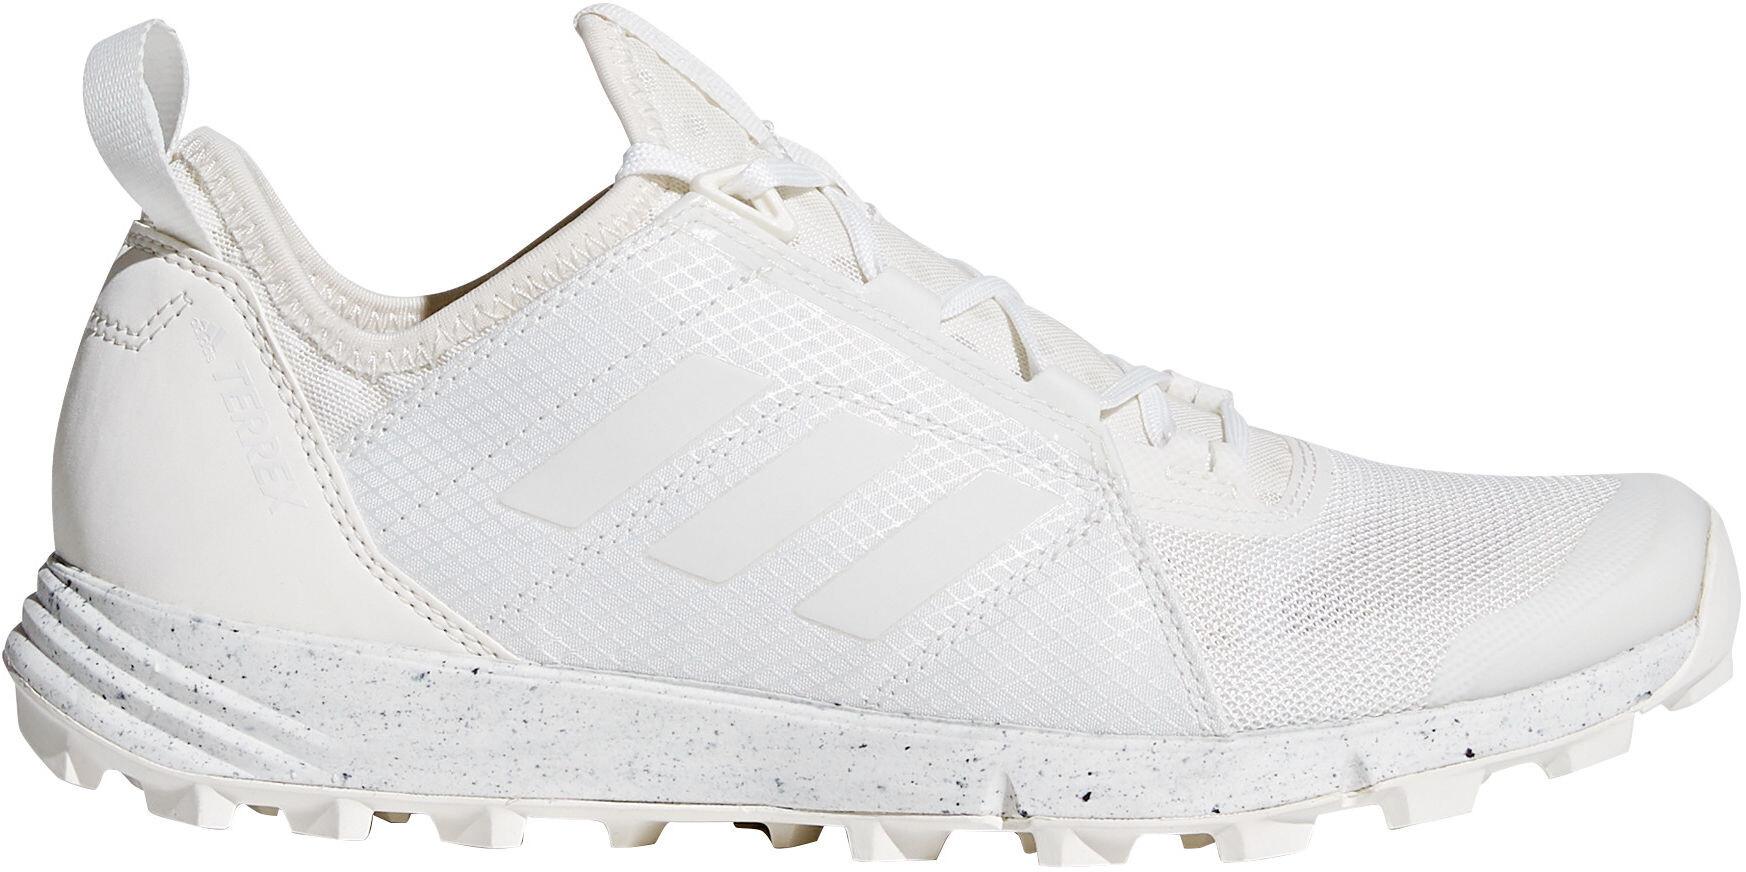 adidas TERREX Agravic Speed Chaussures Femme, non dyedftwr whitechalk white